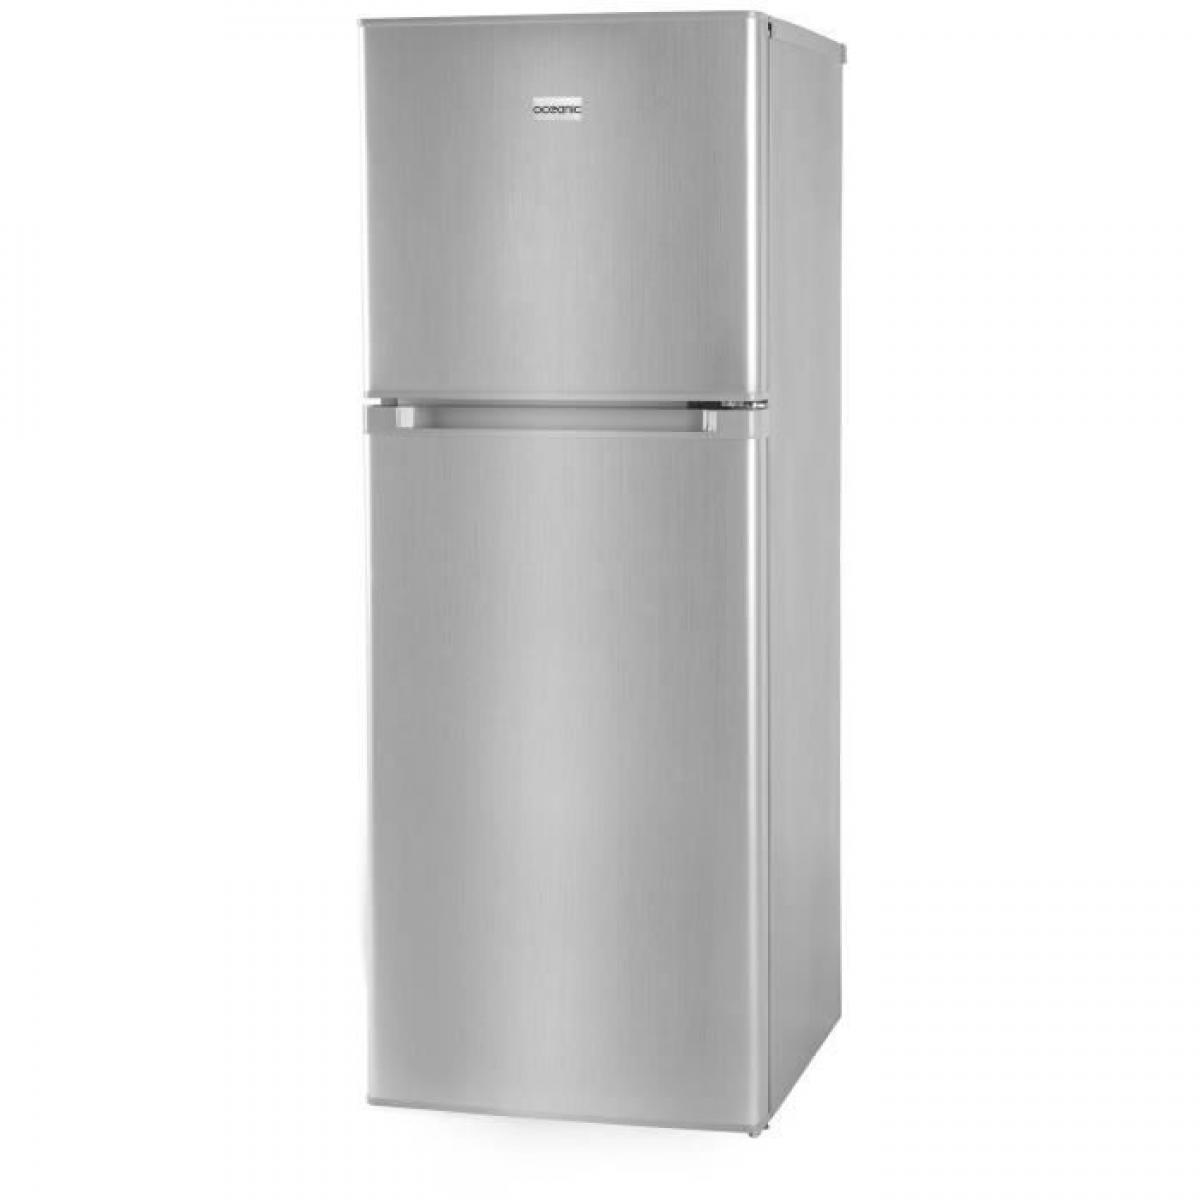 Oceanic Oceanic Oceaf2d134s-refrigerateur-134l 95l + 39l-2 Portes-congelateur Haut-froid Statique-a+-l 48 X H 126,5 Cm-silver